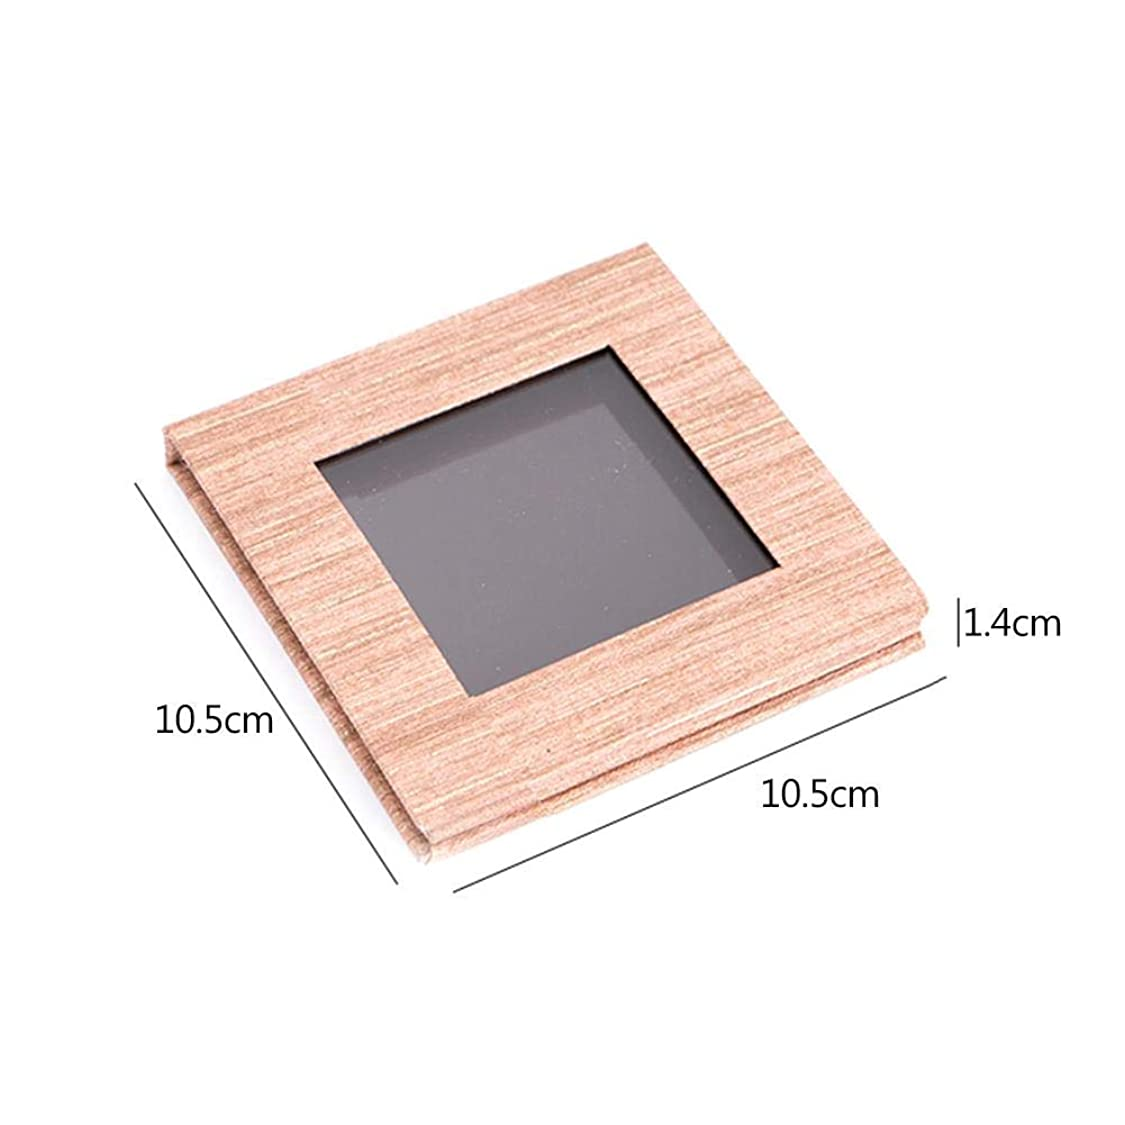 みすぼらしい塗抹午後アイシャドウの口紅のための木の穀物の磁気パレットDIYの取り替え可能な構造パレット